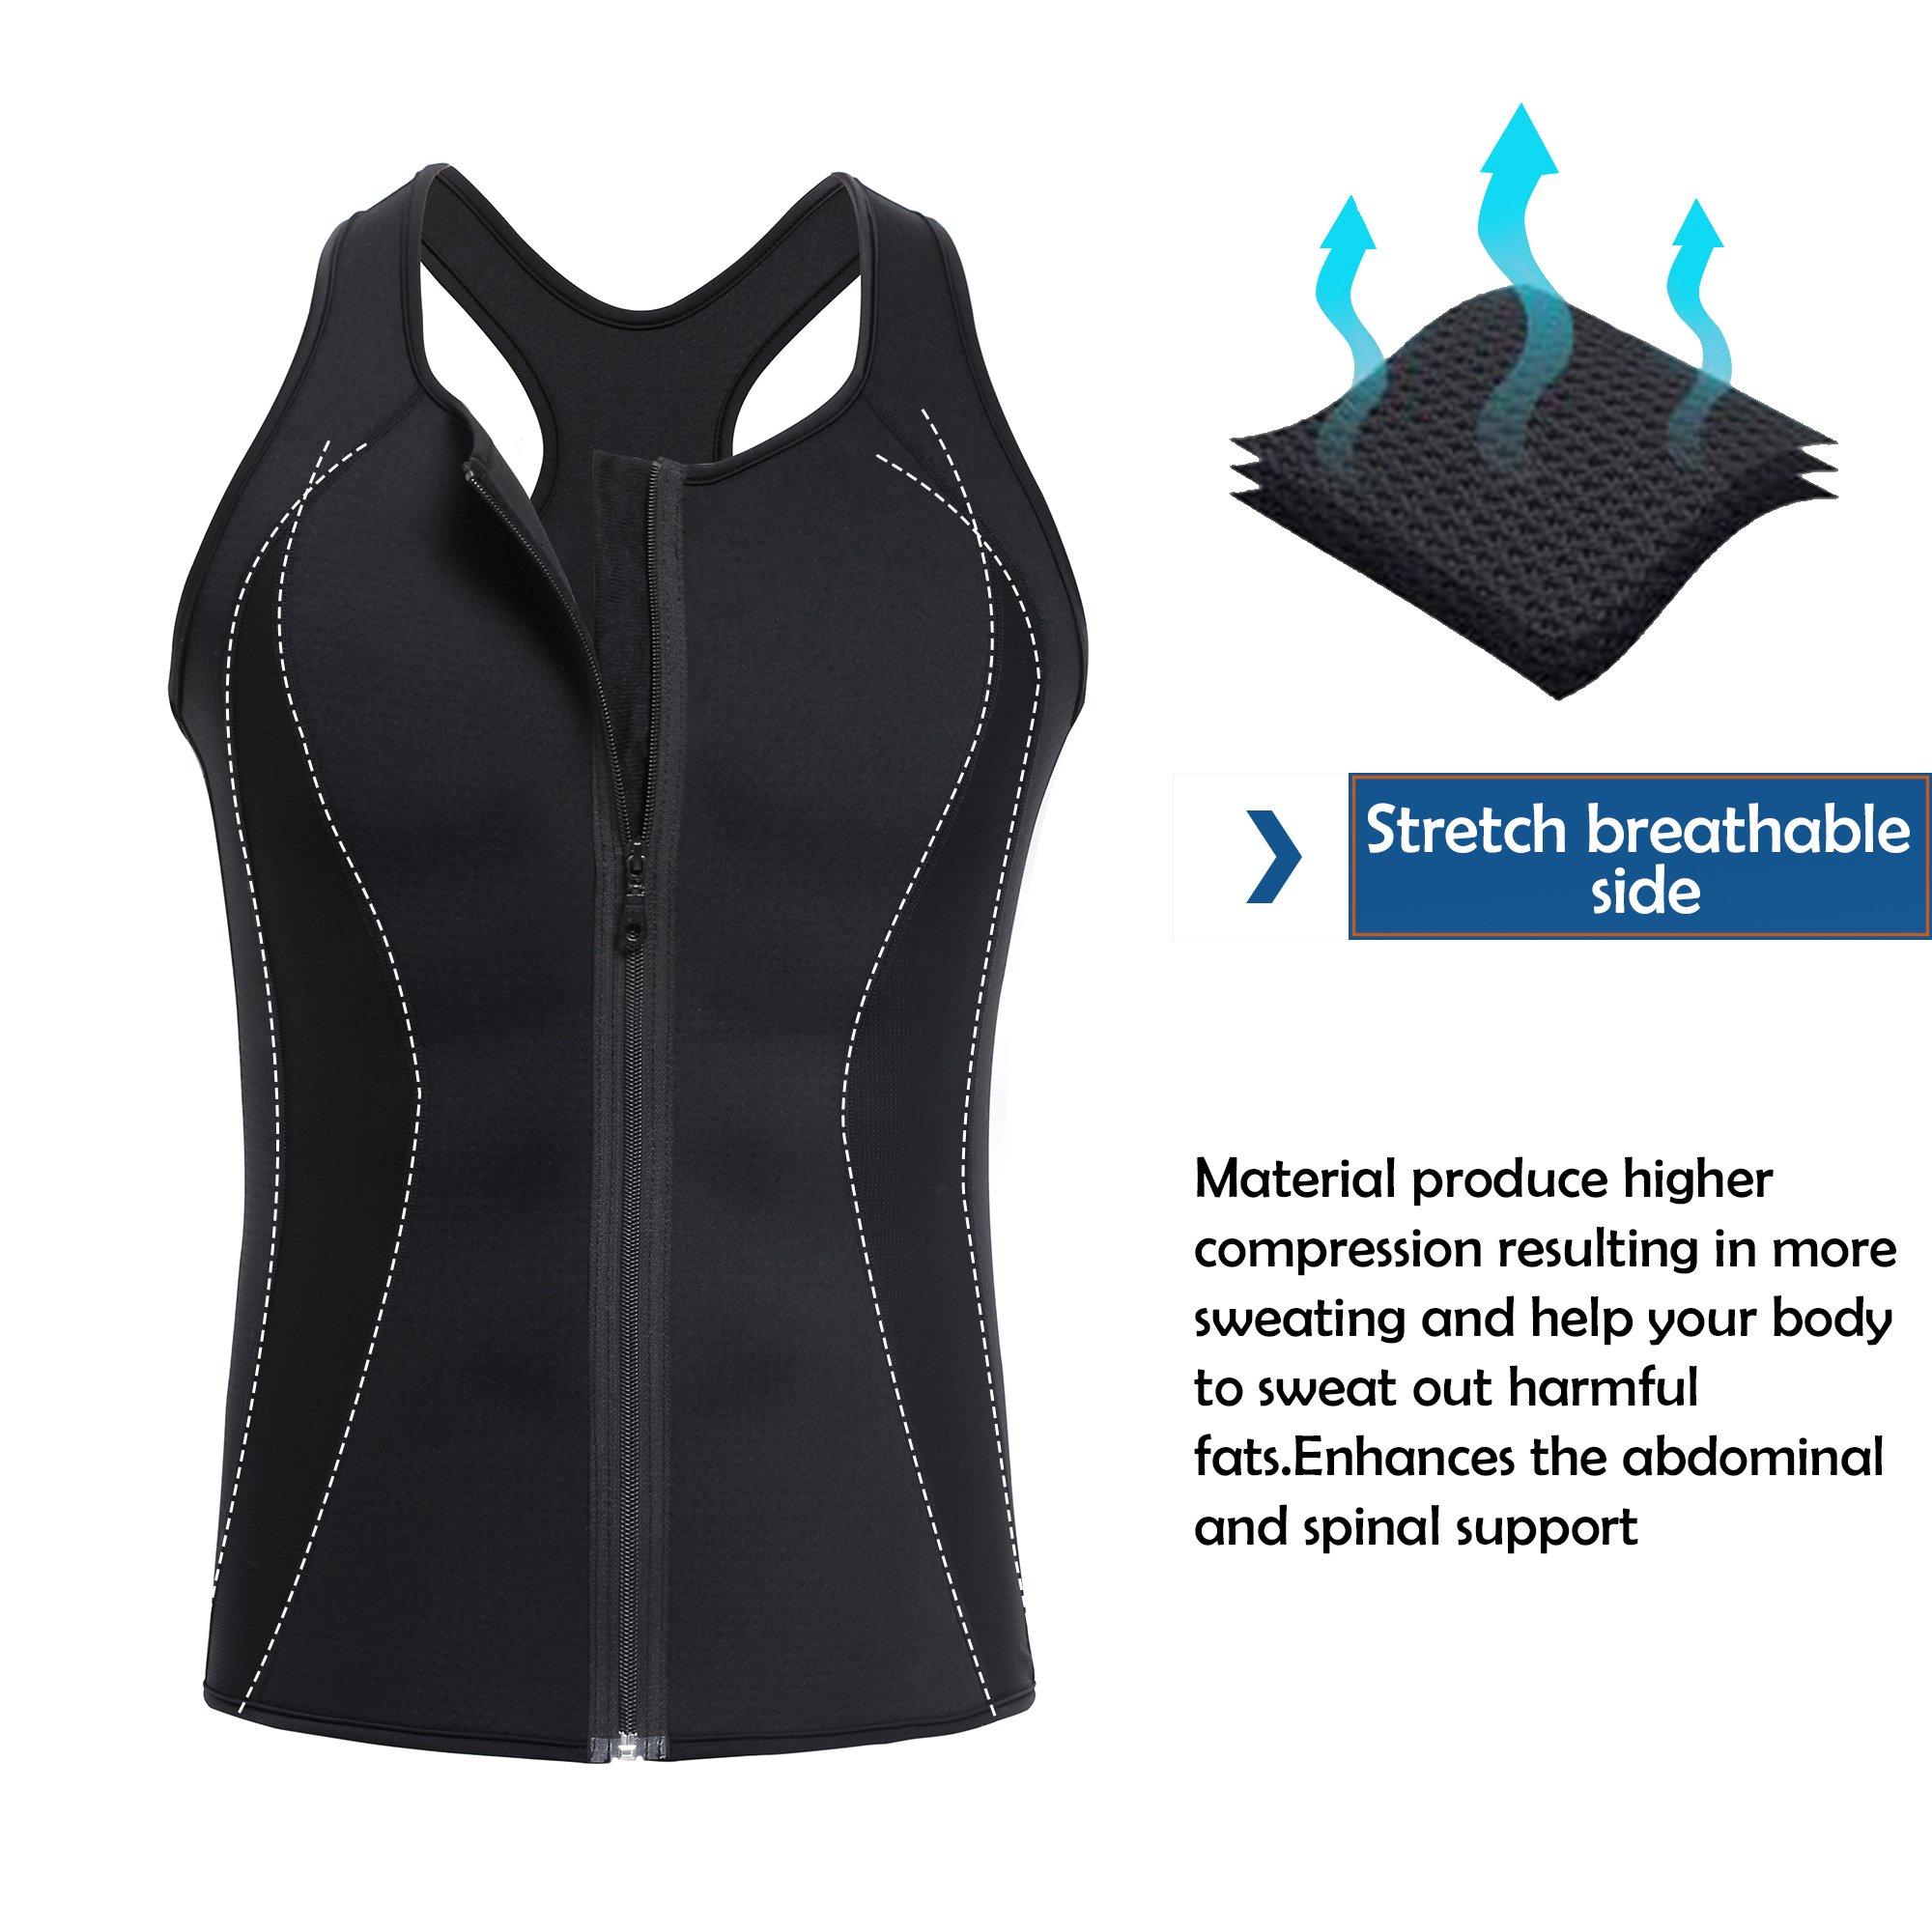 4299798738 TAILONG Men Hot Neoprene Workout Sauna Tank Top Zipper Waist Trainer Vest  Weight Loss Body Shaper Compression Shirt Gym Clothes Corset (Black Workout  Tank